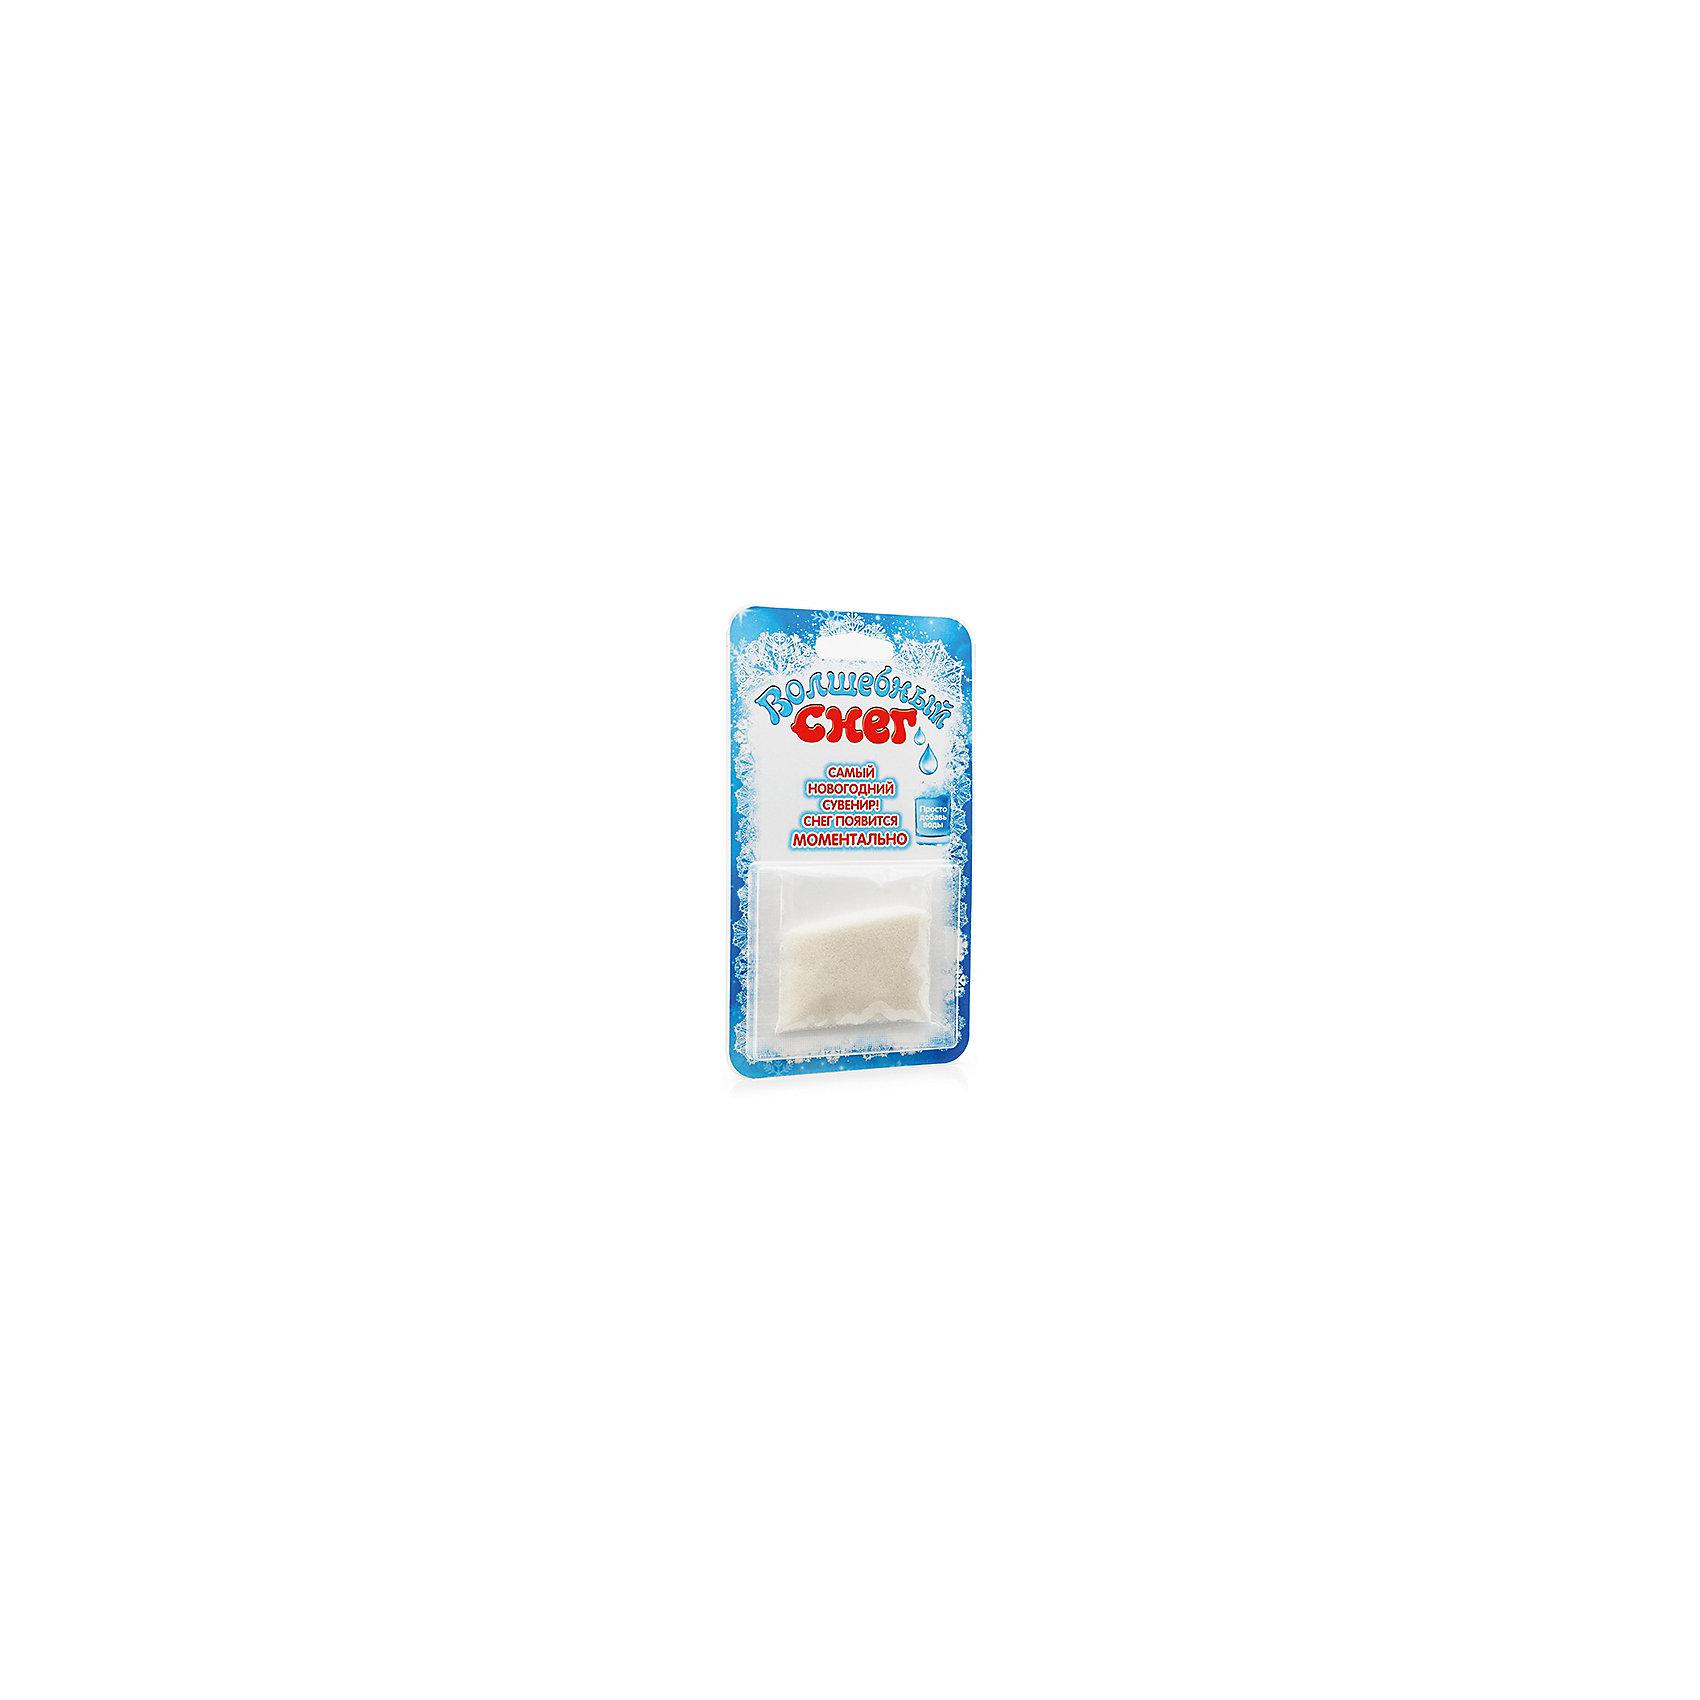 Набор химика Волшебный снег, голубой, 10 г БумбарамВсё для праздника<br>Волшебный снег 10 г Блистер голубой, Бумбарам<br><br>Характеристики:<br><br>• очень похож на настоящий снег<br>• подходит для украшения помещения<br>• можно красить <br>• полностью безопасен<br>• в комплекте: пакетик с порошком<br>• материал: полимер<br>• размер упаковки: 17х10 см <br>• вес: 55 грамм<br><br>Главный спутник зимы - снег. Вы можете получить его дома, лишь добавив воды в специальный порошок. Этот снег очень похож на настоящий. Он тоже холодный и влажный, но, в отличии от настоящего снега, искусственный не растает и не образует неприятную лужу на столе. Волшебный снег отлично подойдет для декорирования помещения или елки.<br><br>Волшебный снег 10 г Блистер голубой, Бумбарам вы можете приобрести в нашем интернет-магазине.<br><br>Ширина мм: 170<br>Глубина мм: 95<br>Высота мм: 10<br>Вес г: 55<br>Возраст от месяцев: 168<br>Возраст до месяцев: 240<br>Пол: Унисекс<br>Возраст: Детский<br>SKU: 5054034